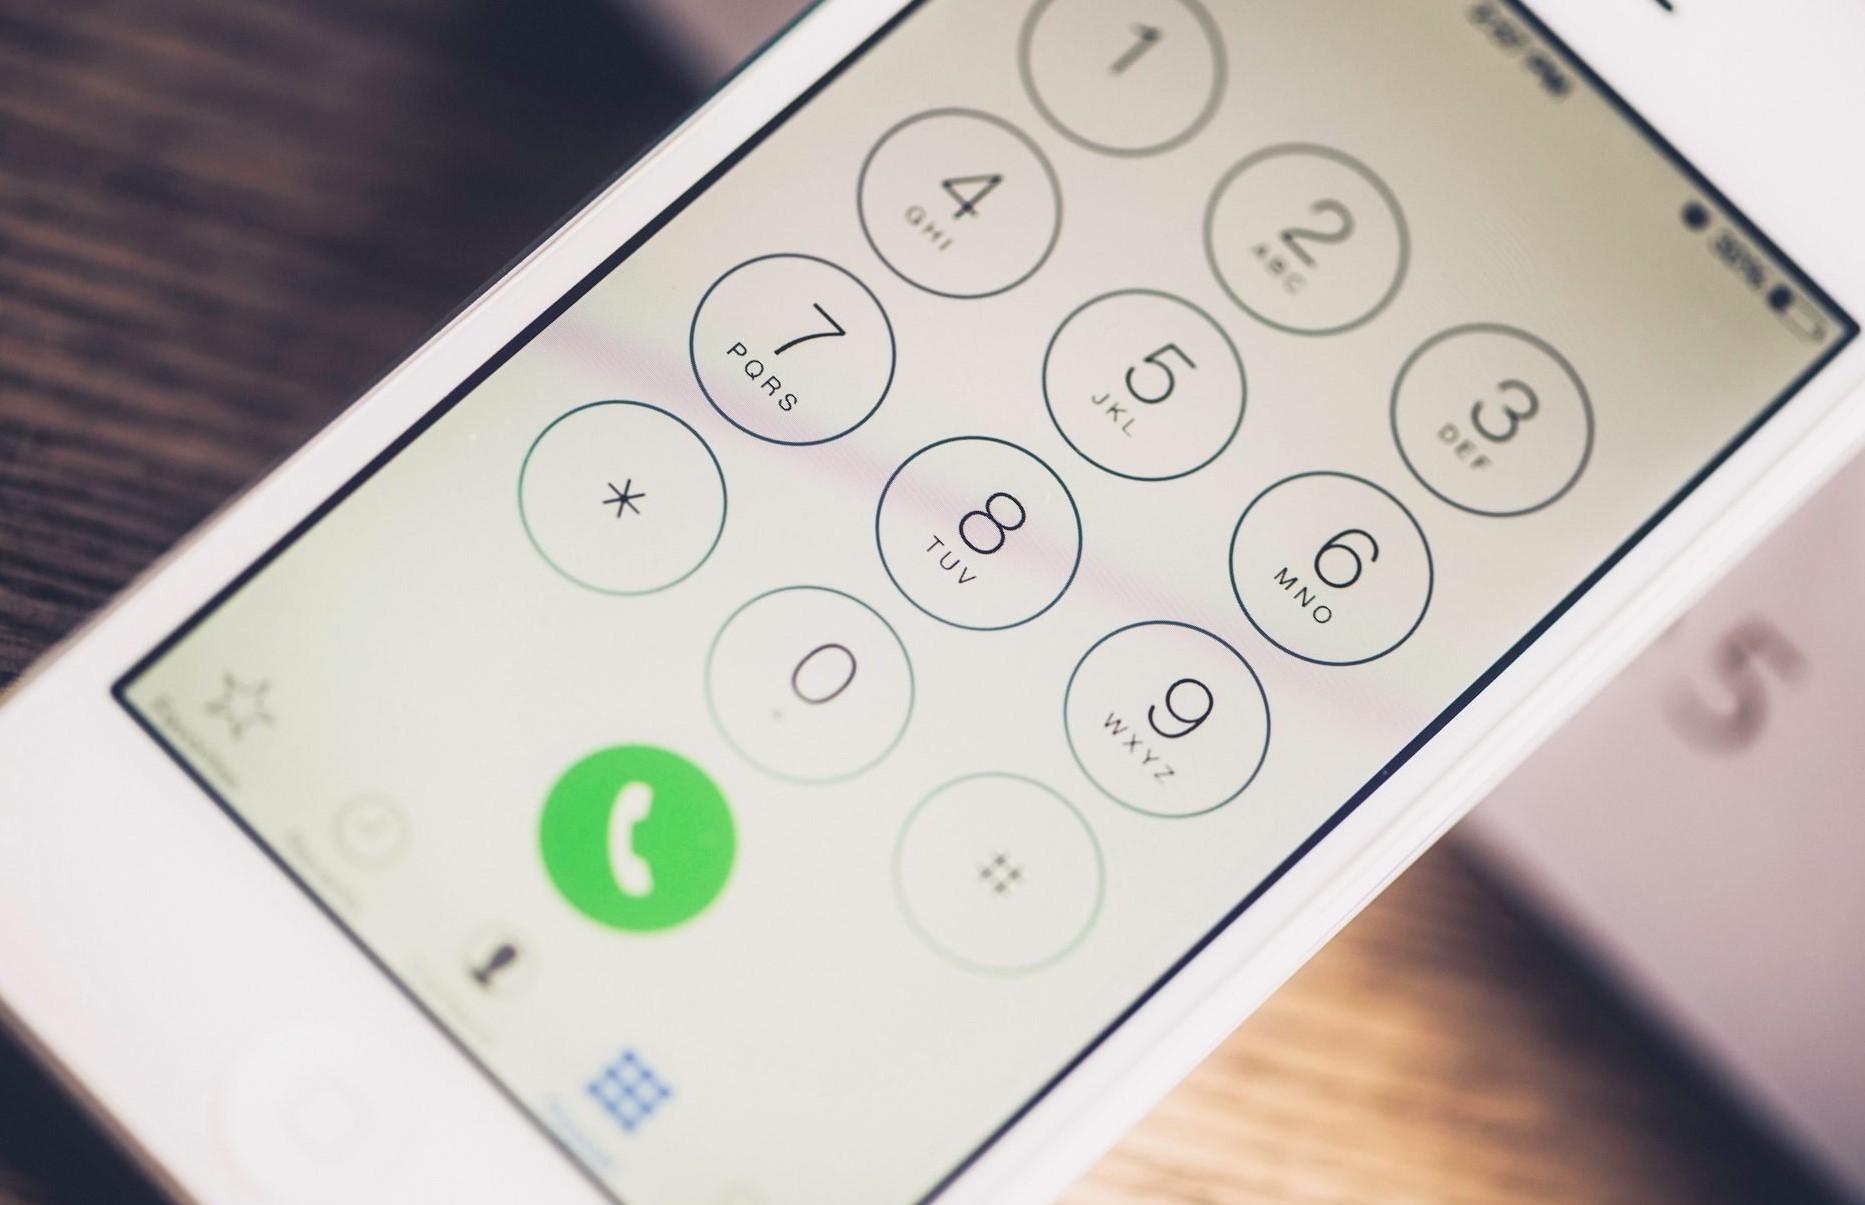 Đăng ký doanh nghiệp có cần thông tin số điện thoại bàn không?